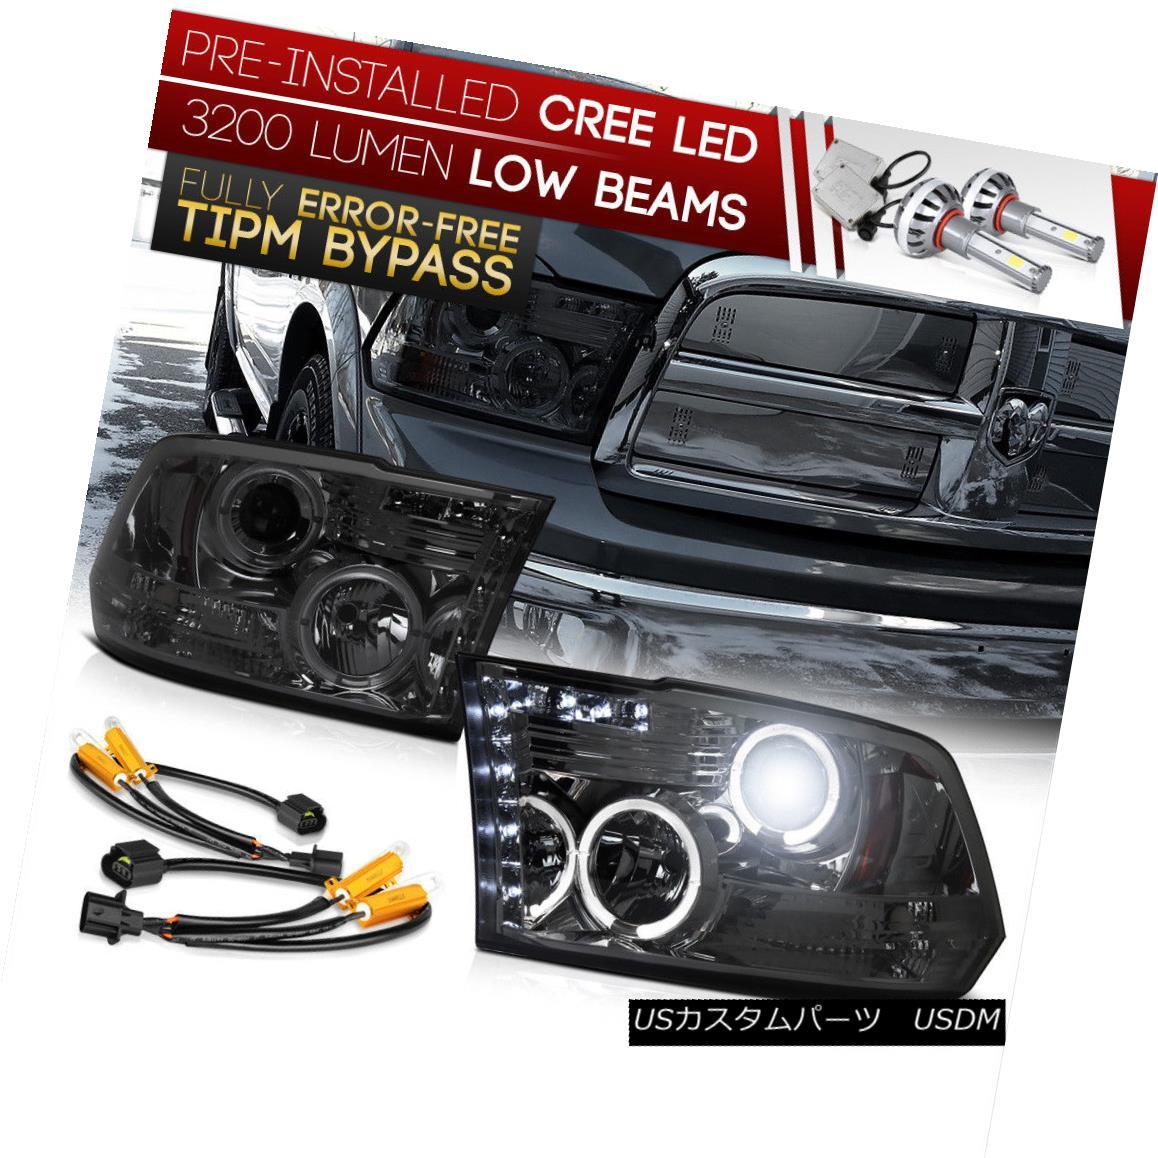 ヘッドライト {Built-In LED Low Beam} 2009-2018 RAM Truck Smoke Lens DRL Halo Ring Headlights {内蔵LEDロービーム} 2009-2018 RAMトラックスモークレンズDRLハローリングヘッドライト